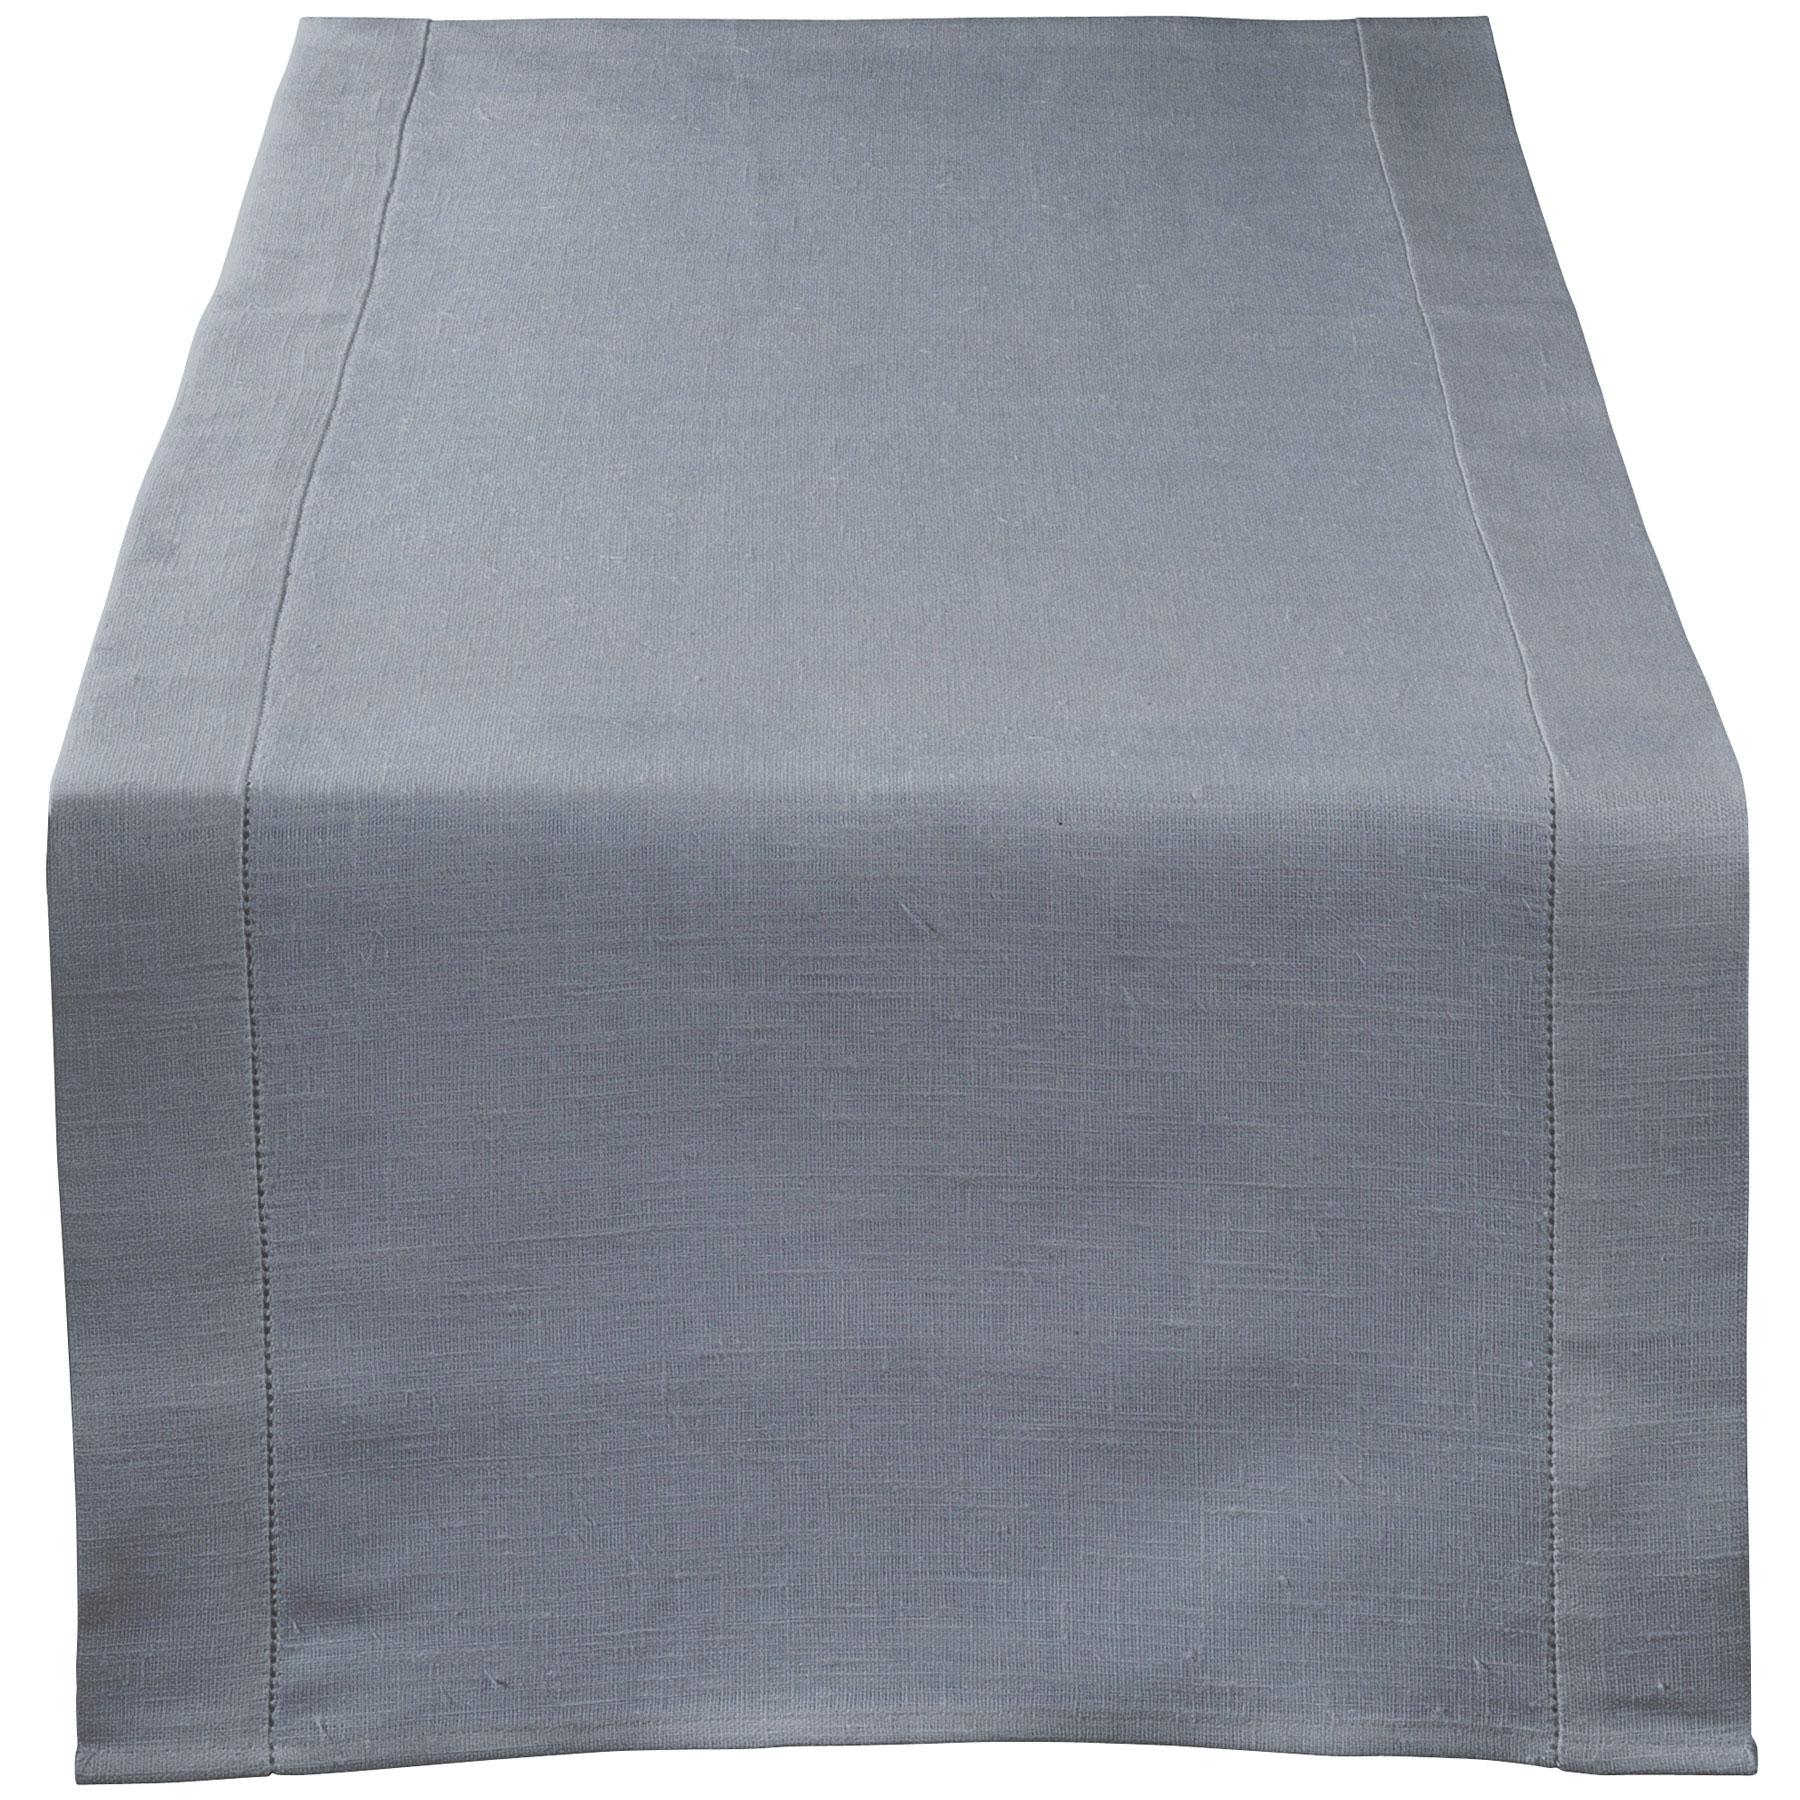 TABLE RUNNER <br />quicksilver gray